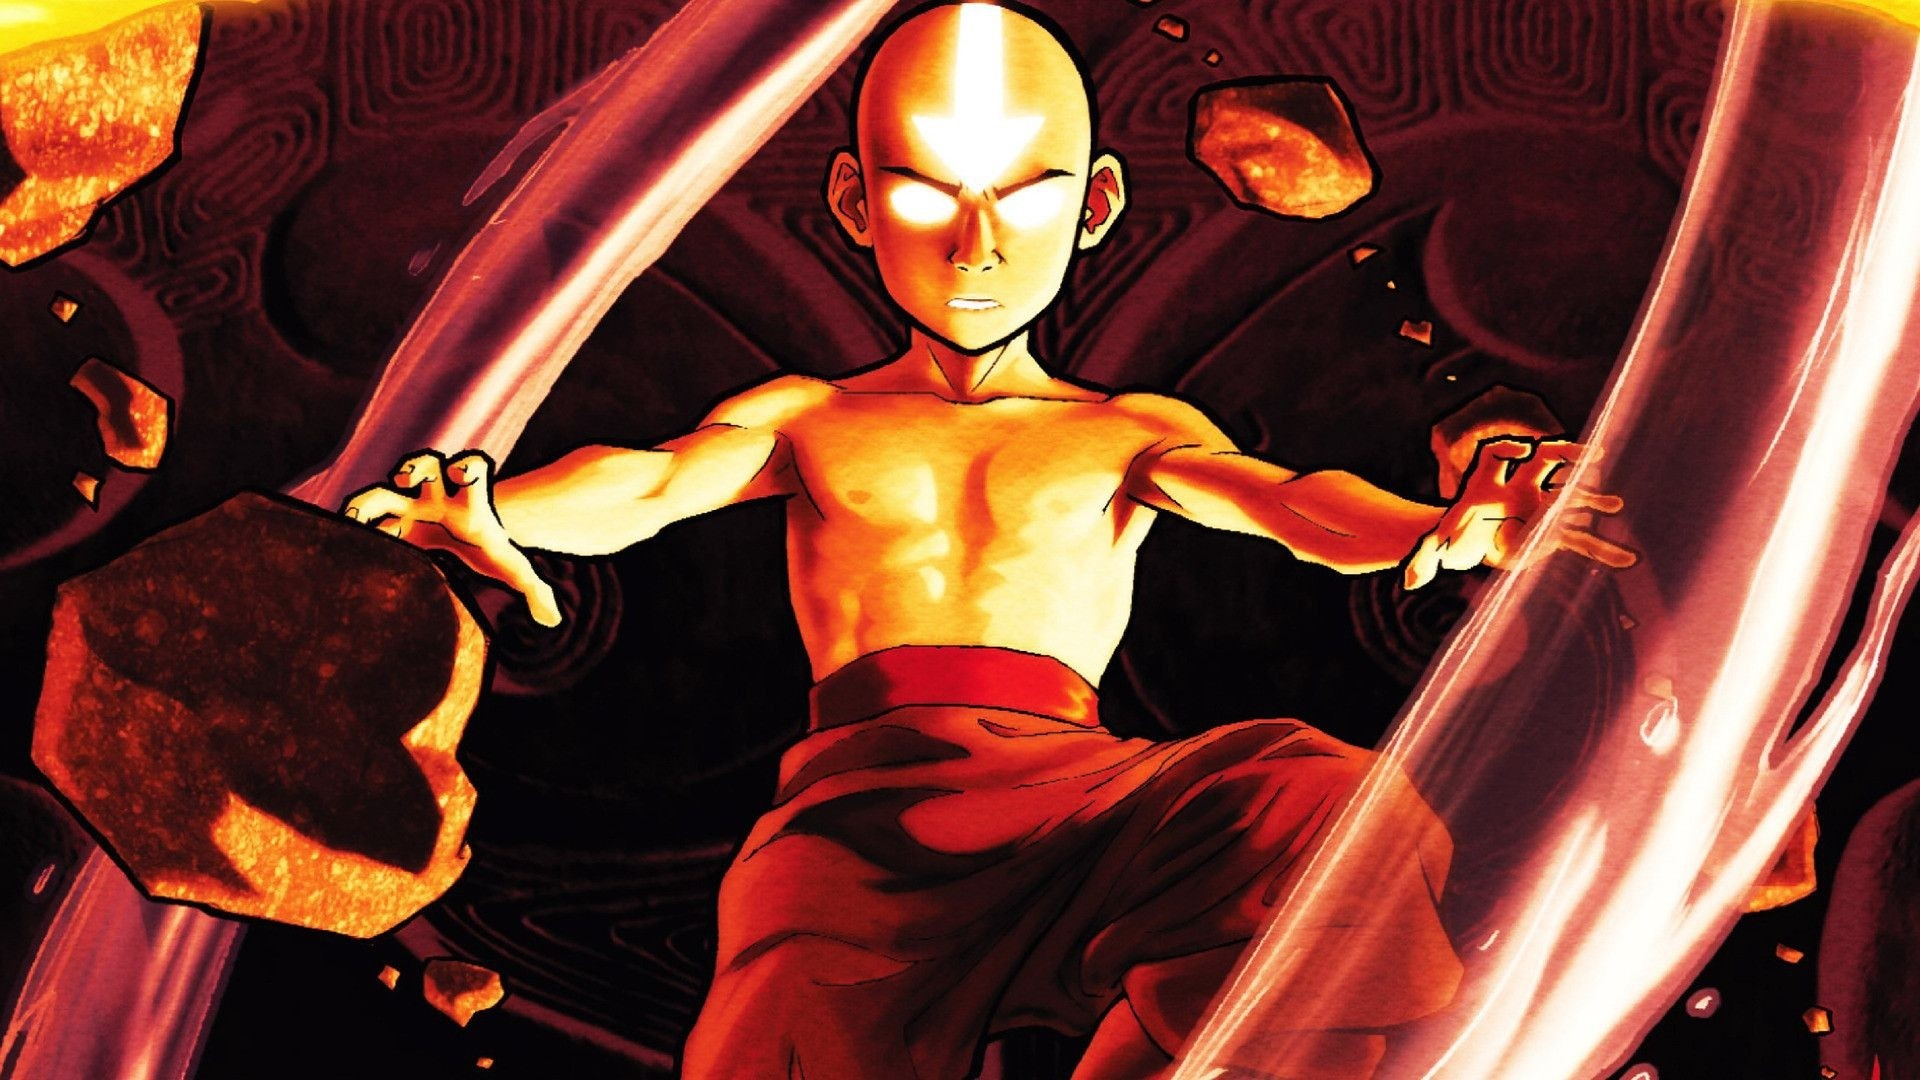 Avatar The Last Airbender Desktop Wallpaper